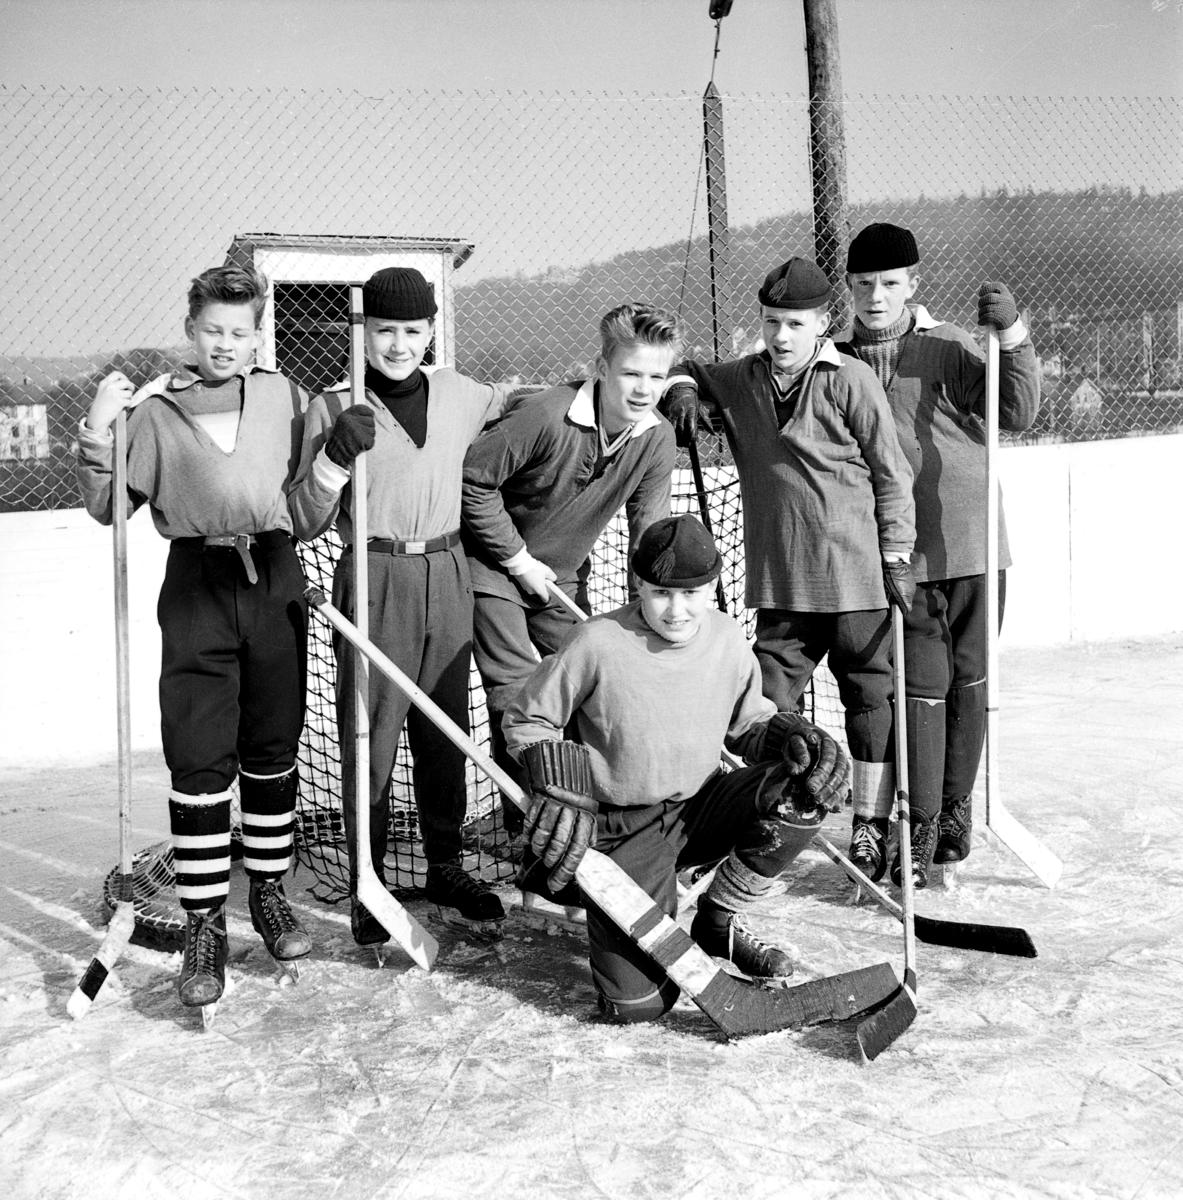 Skolhockeylag på Vapenvallen i Huskvarna. Detta lag har just vunit mästerskapet för realskolor  i  Huskvarna. Från vänster Tommy Andersson, Bo Ekvall, Olle Engström, Hasse Björck och Rolf Lindberg. Länst fram målvakten Jonny Björk.